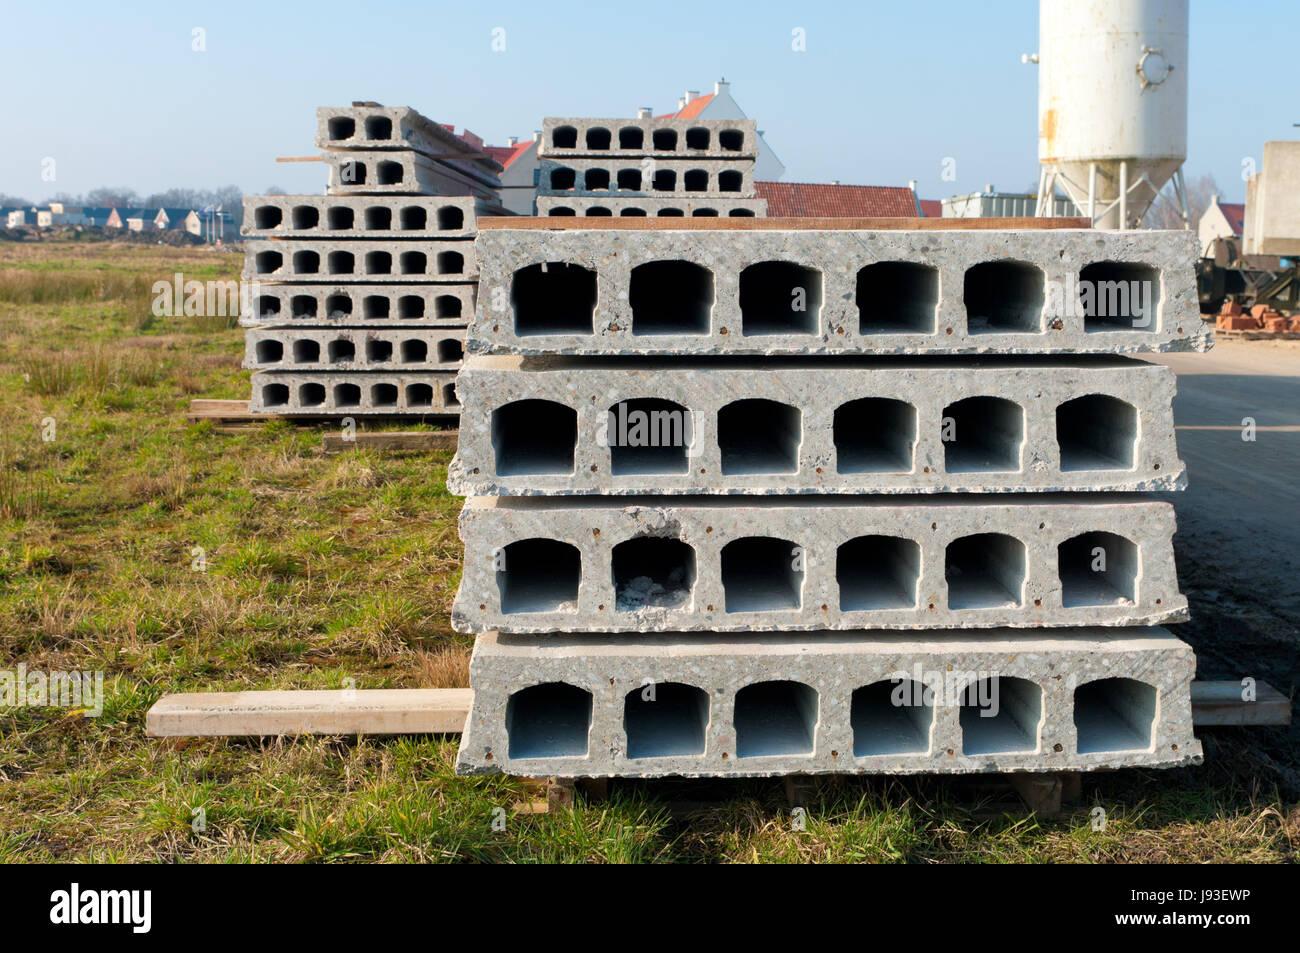 Beton Zement Blocke Schrank Wohnen Platten Bau Haus Stockfoto